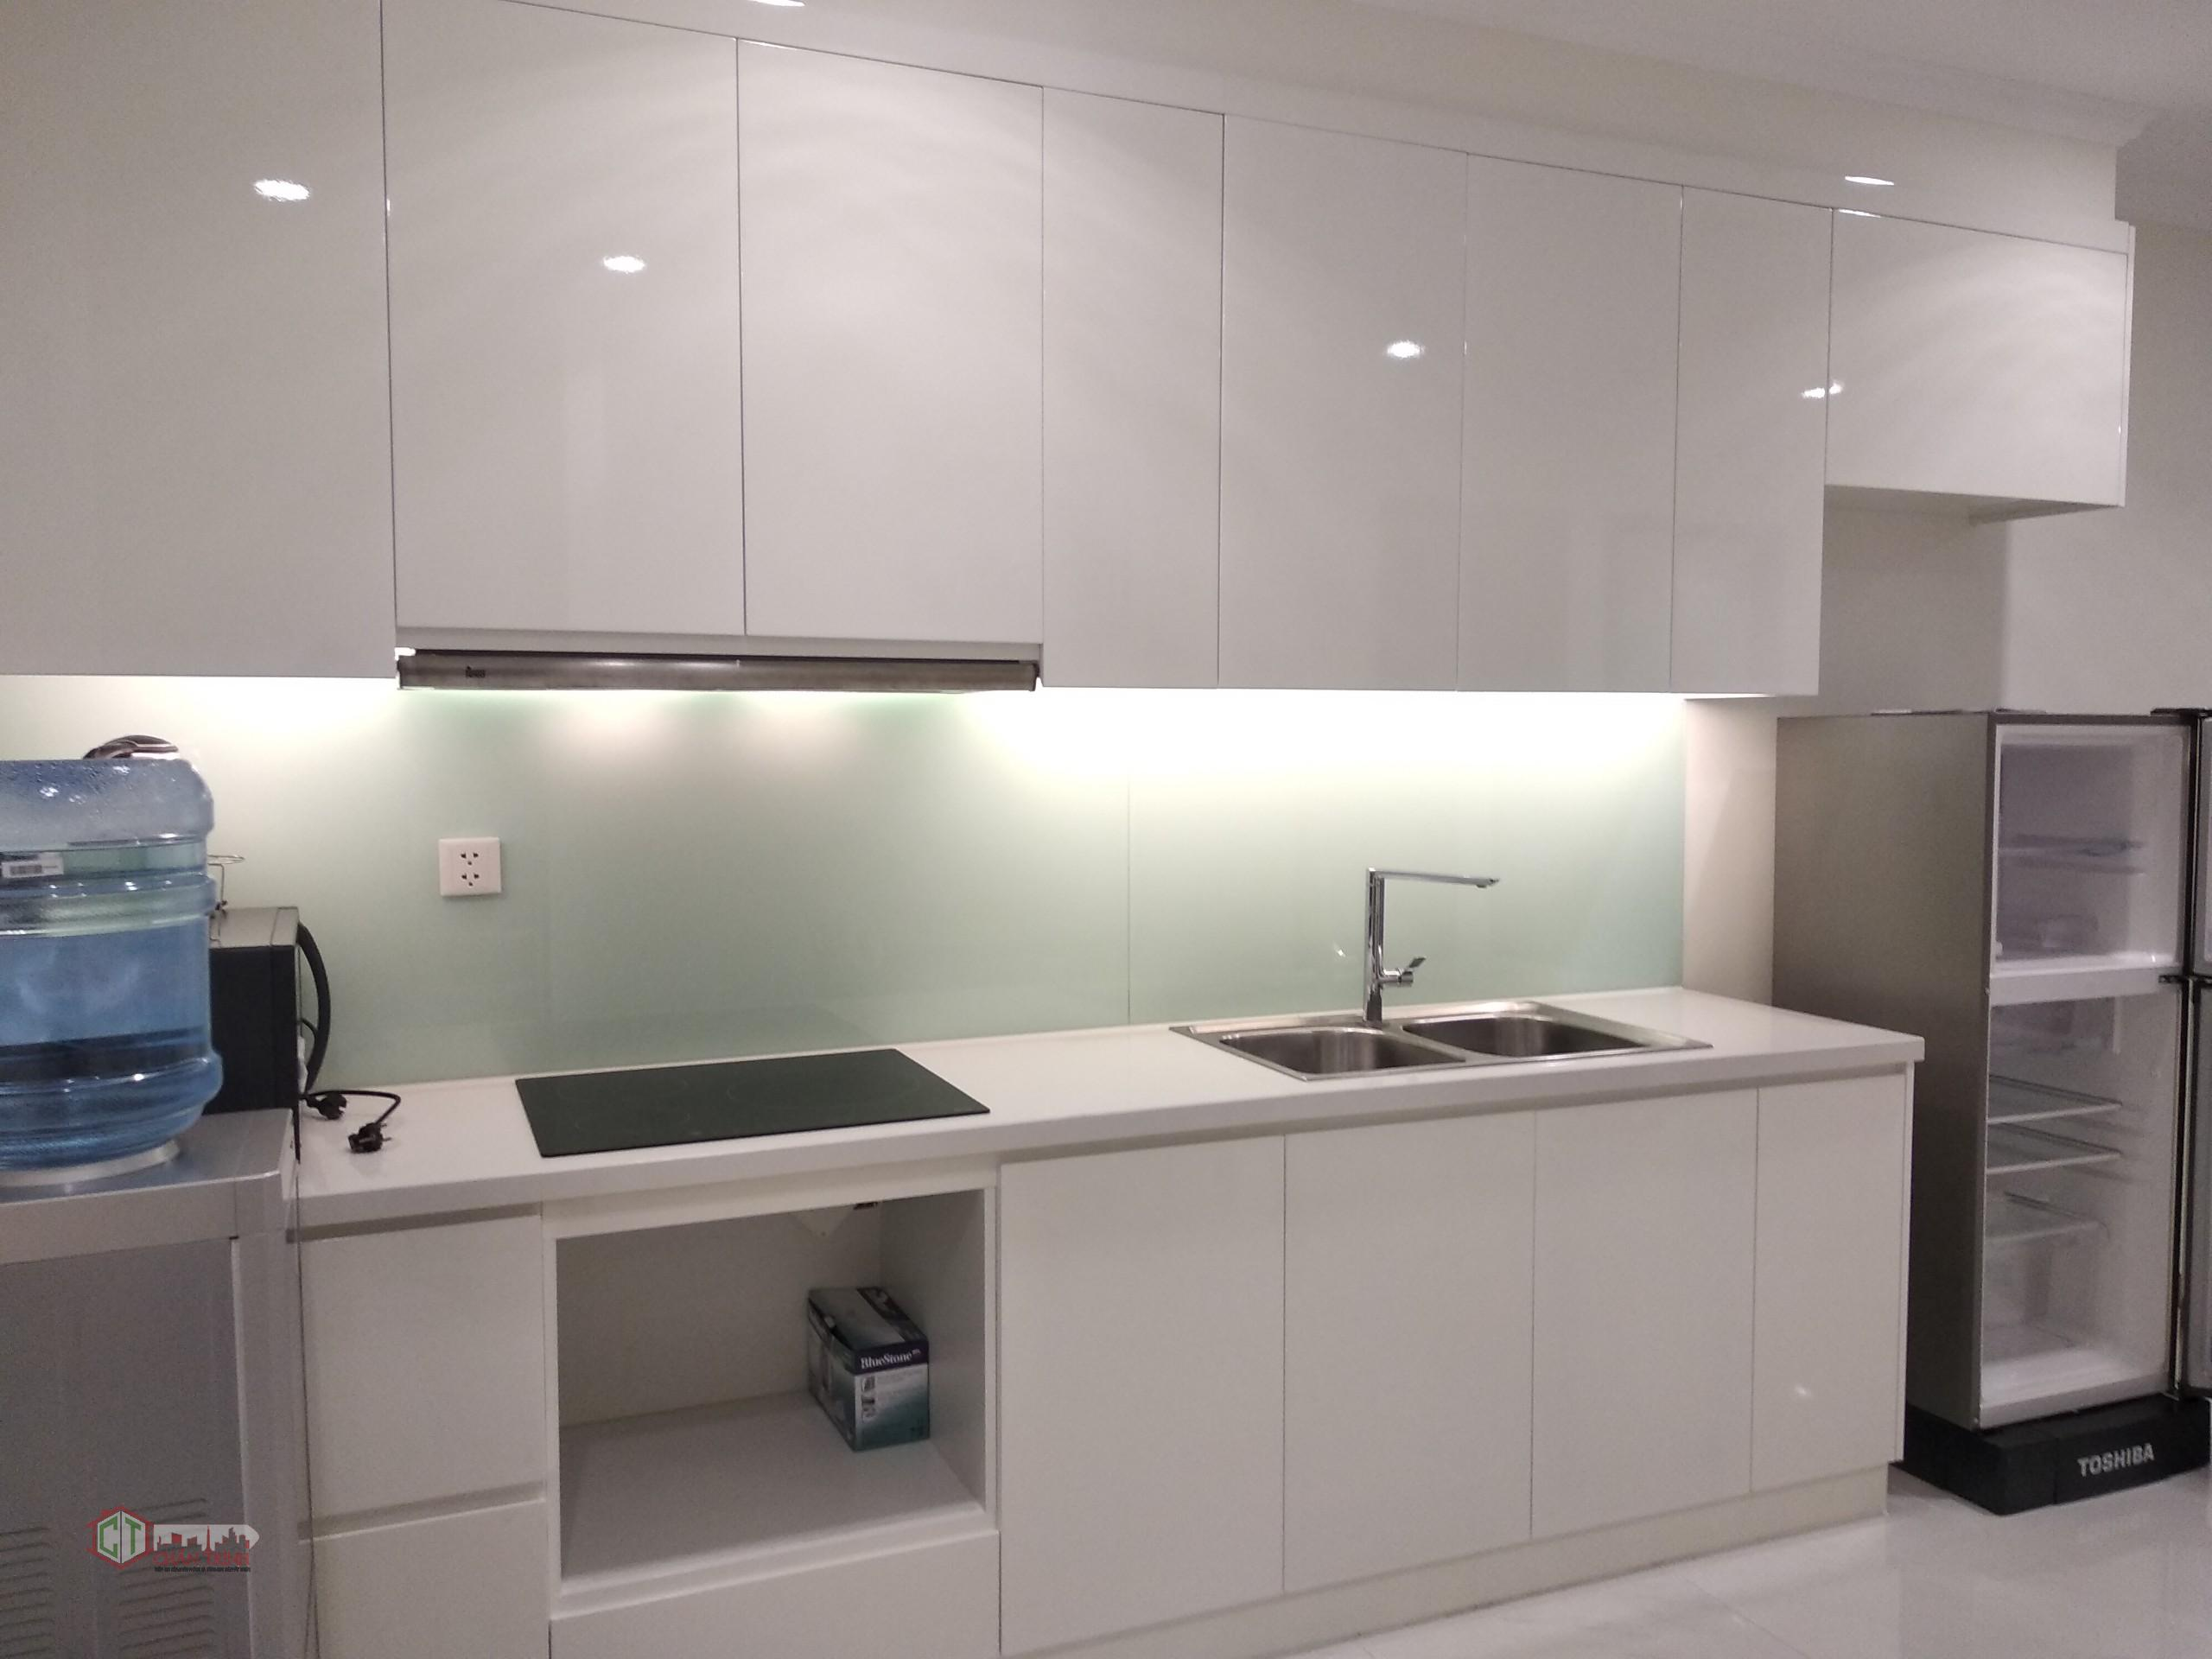 Khu Vực Bếp- Căn hộ 1 phòng ngủ L3-10.12 cho thuê Vinhomes Central Park